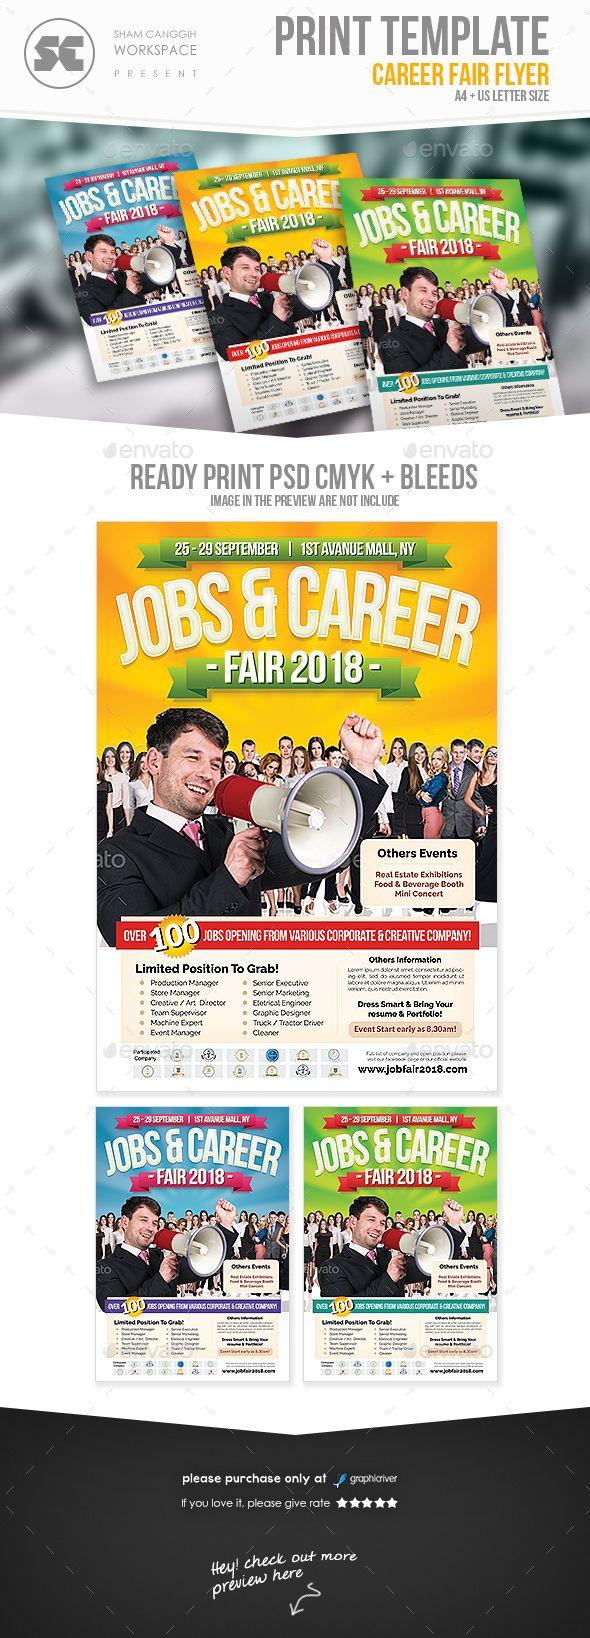 jobs career fair flyer flyers flyer template and kids summer camps jobs career fair flyer